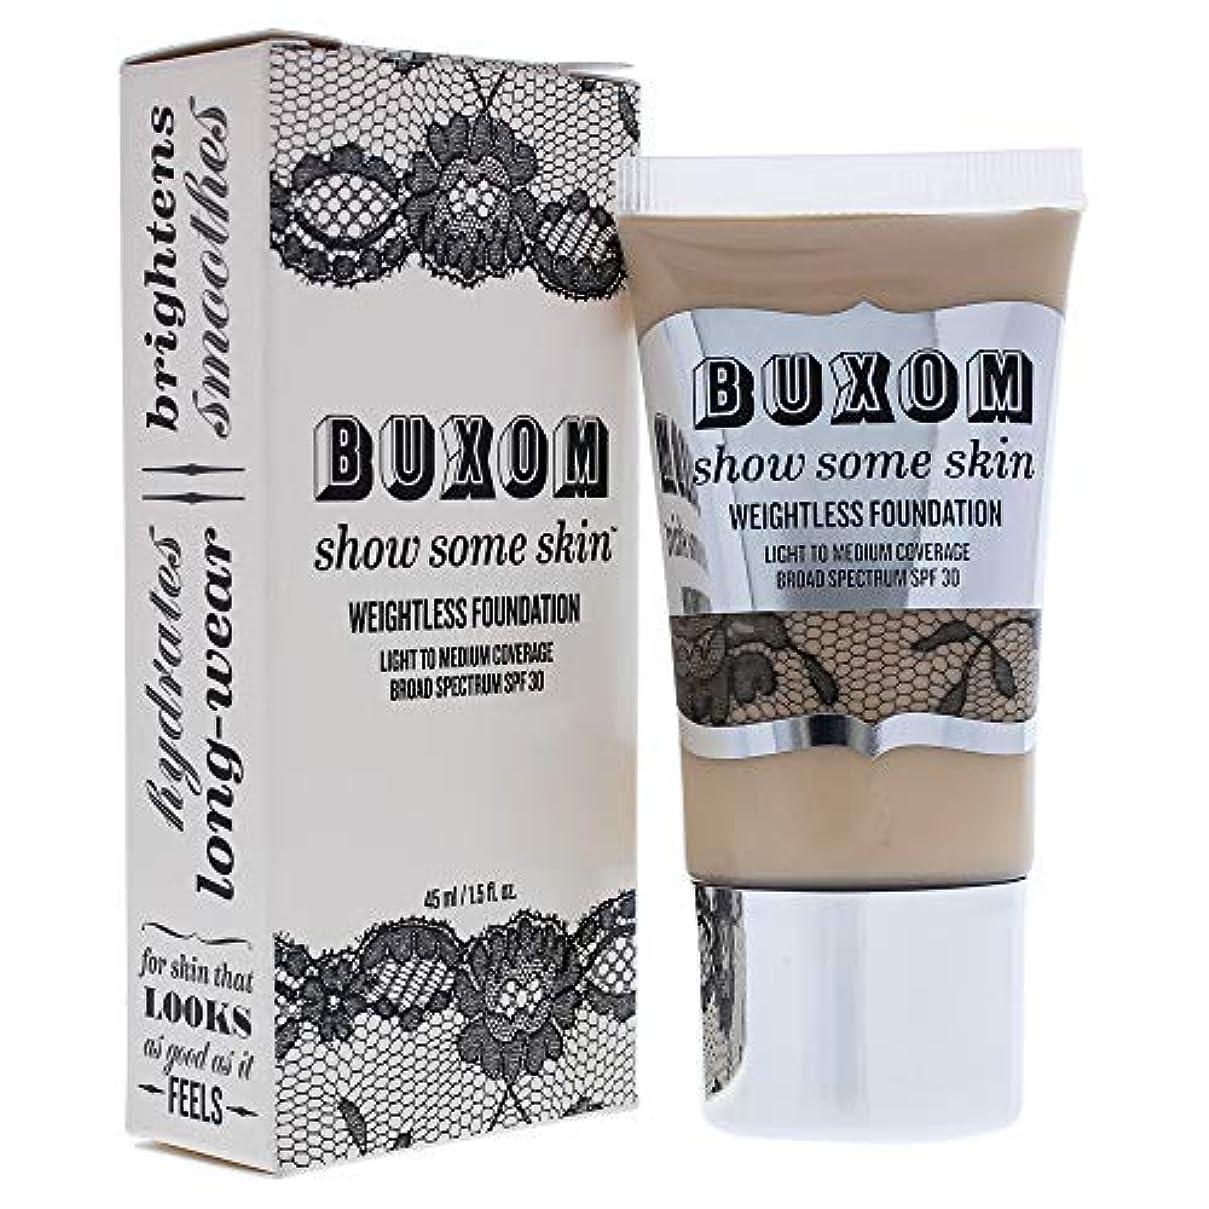 定常海洋韻Buxom Show Some Skin Weightless Foundation SPF 30 - # Tickle The Ivory 45ml/1.5oz並行輸入品